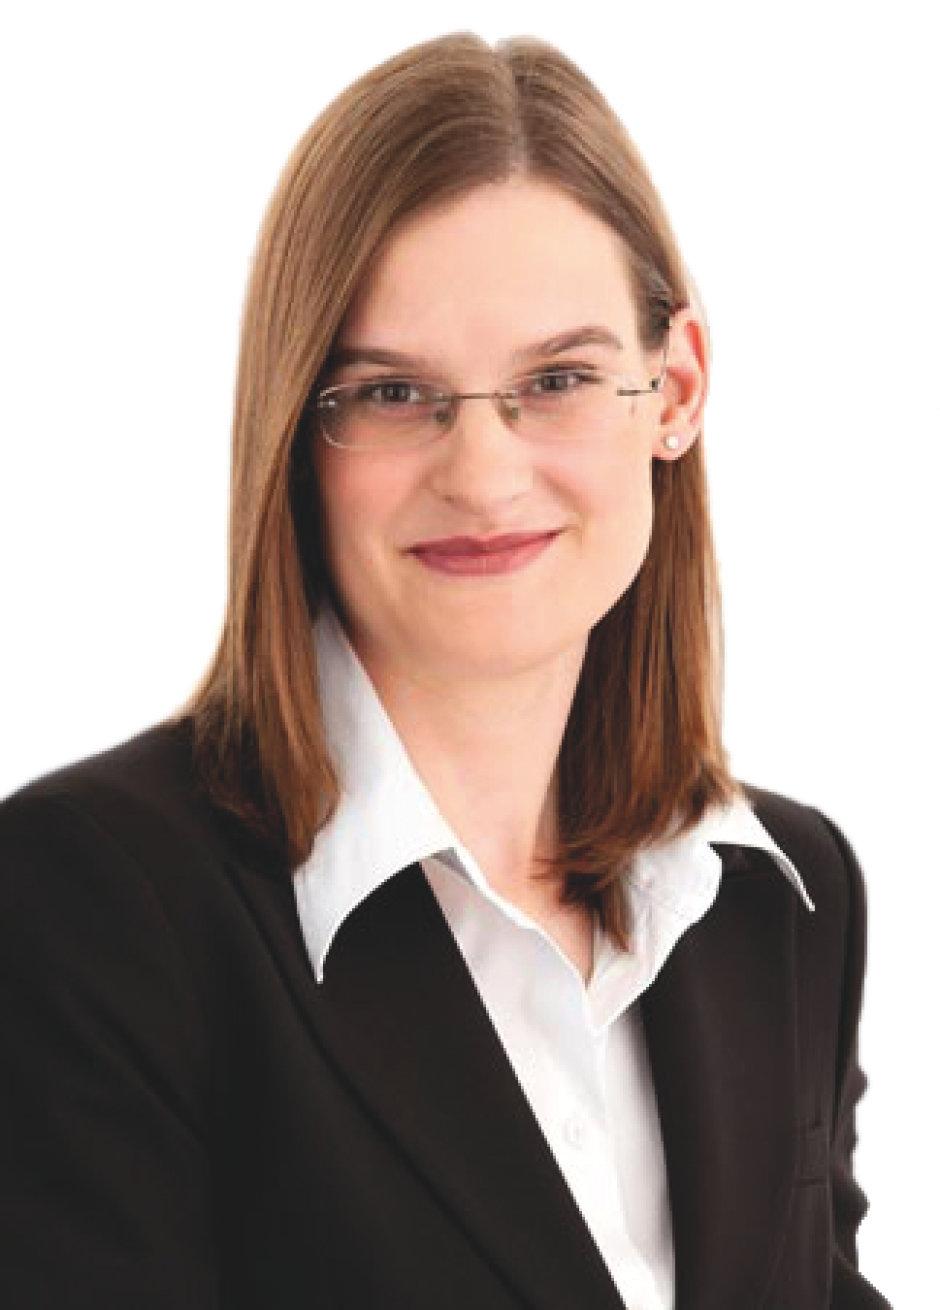 Eva Feuerlein